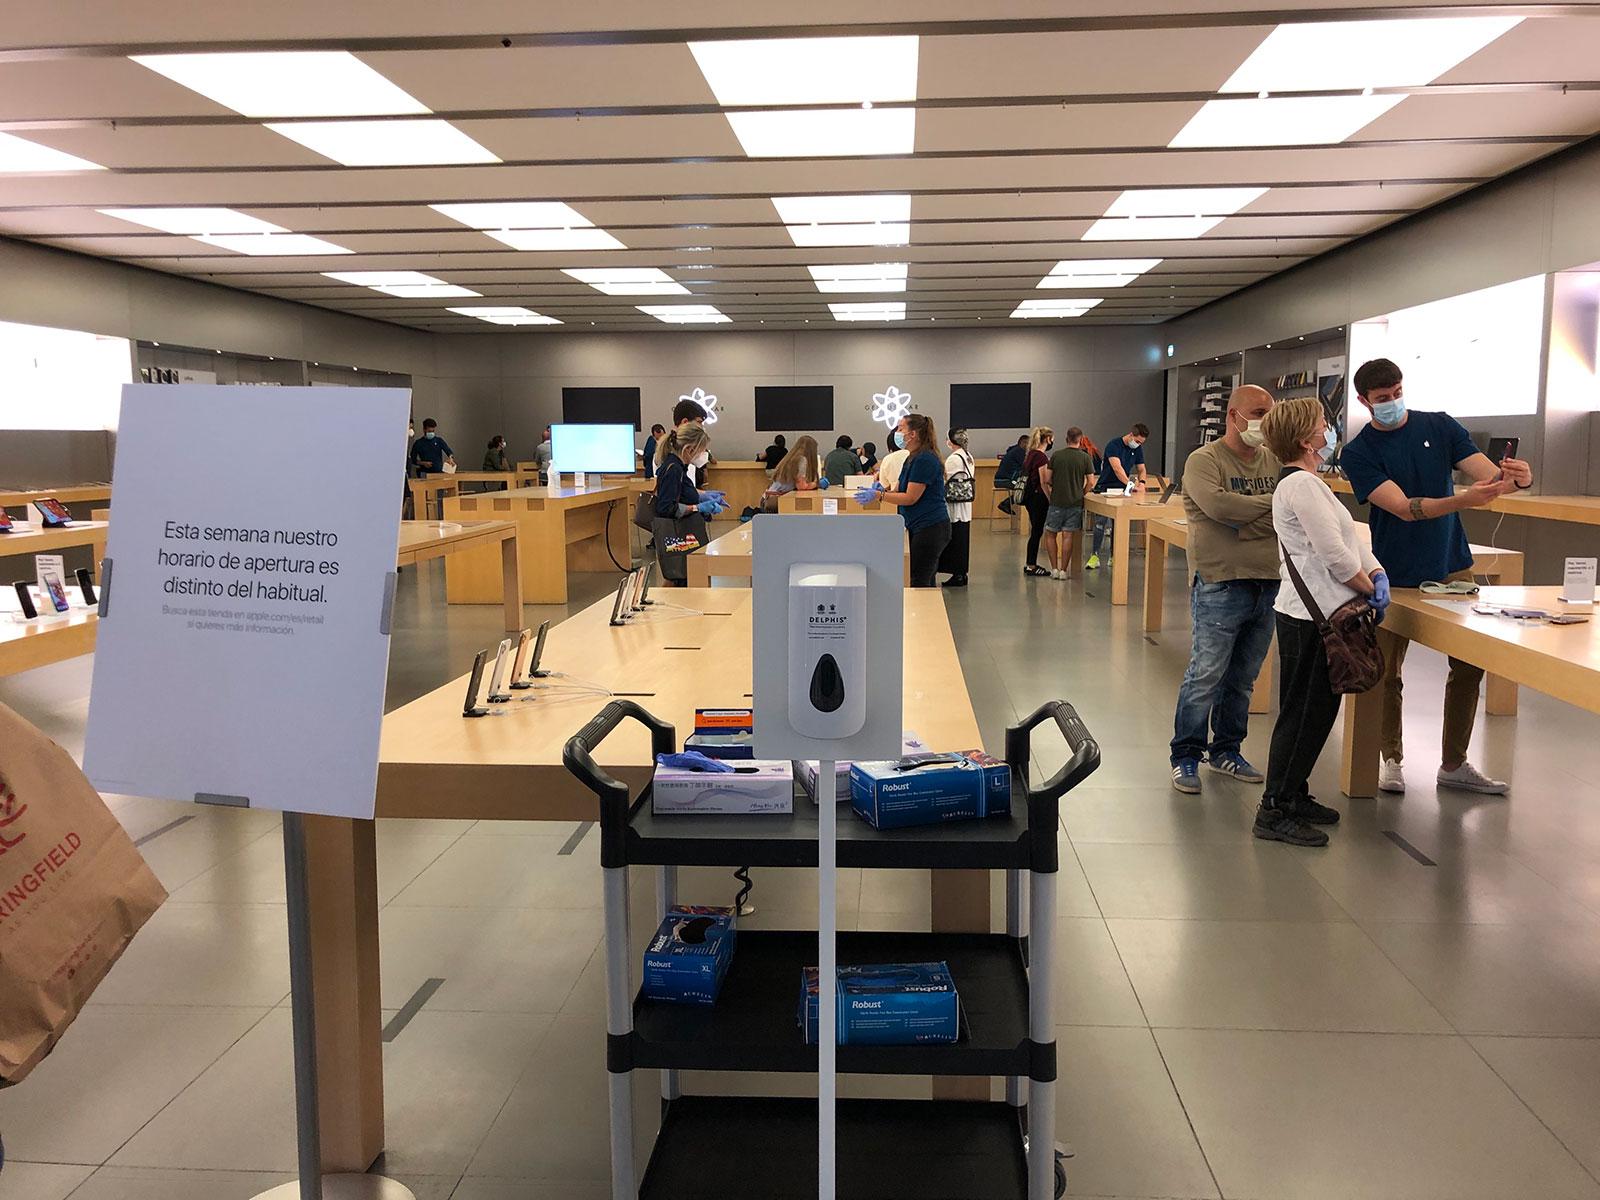 Apple Store de Leganés ParqueSur con acceso restringido durante los días de la pandemia de COVID-19